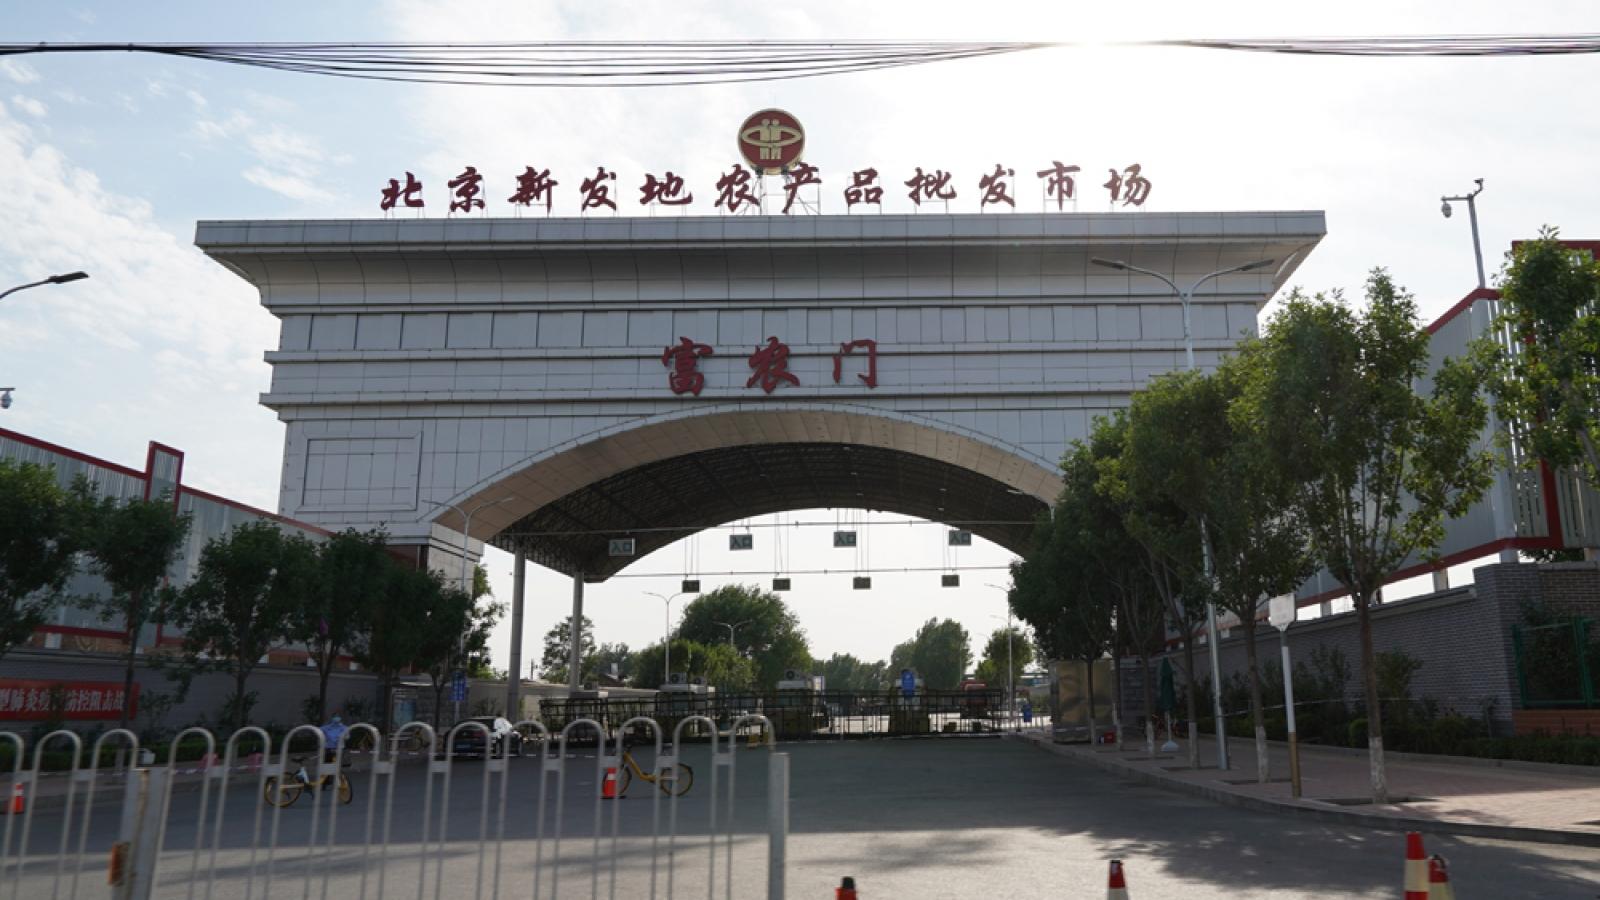 Bắc Kinh (Trung Quốc) ghi nhận 158 ca Covid-19 sau 7 ngày